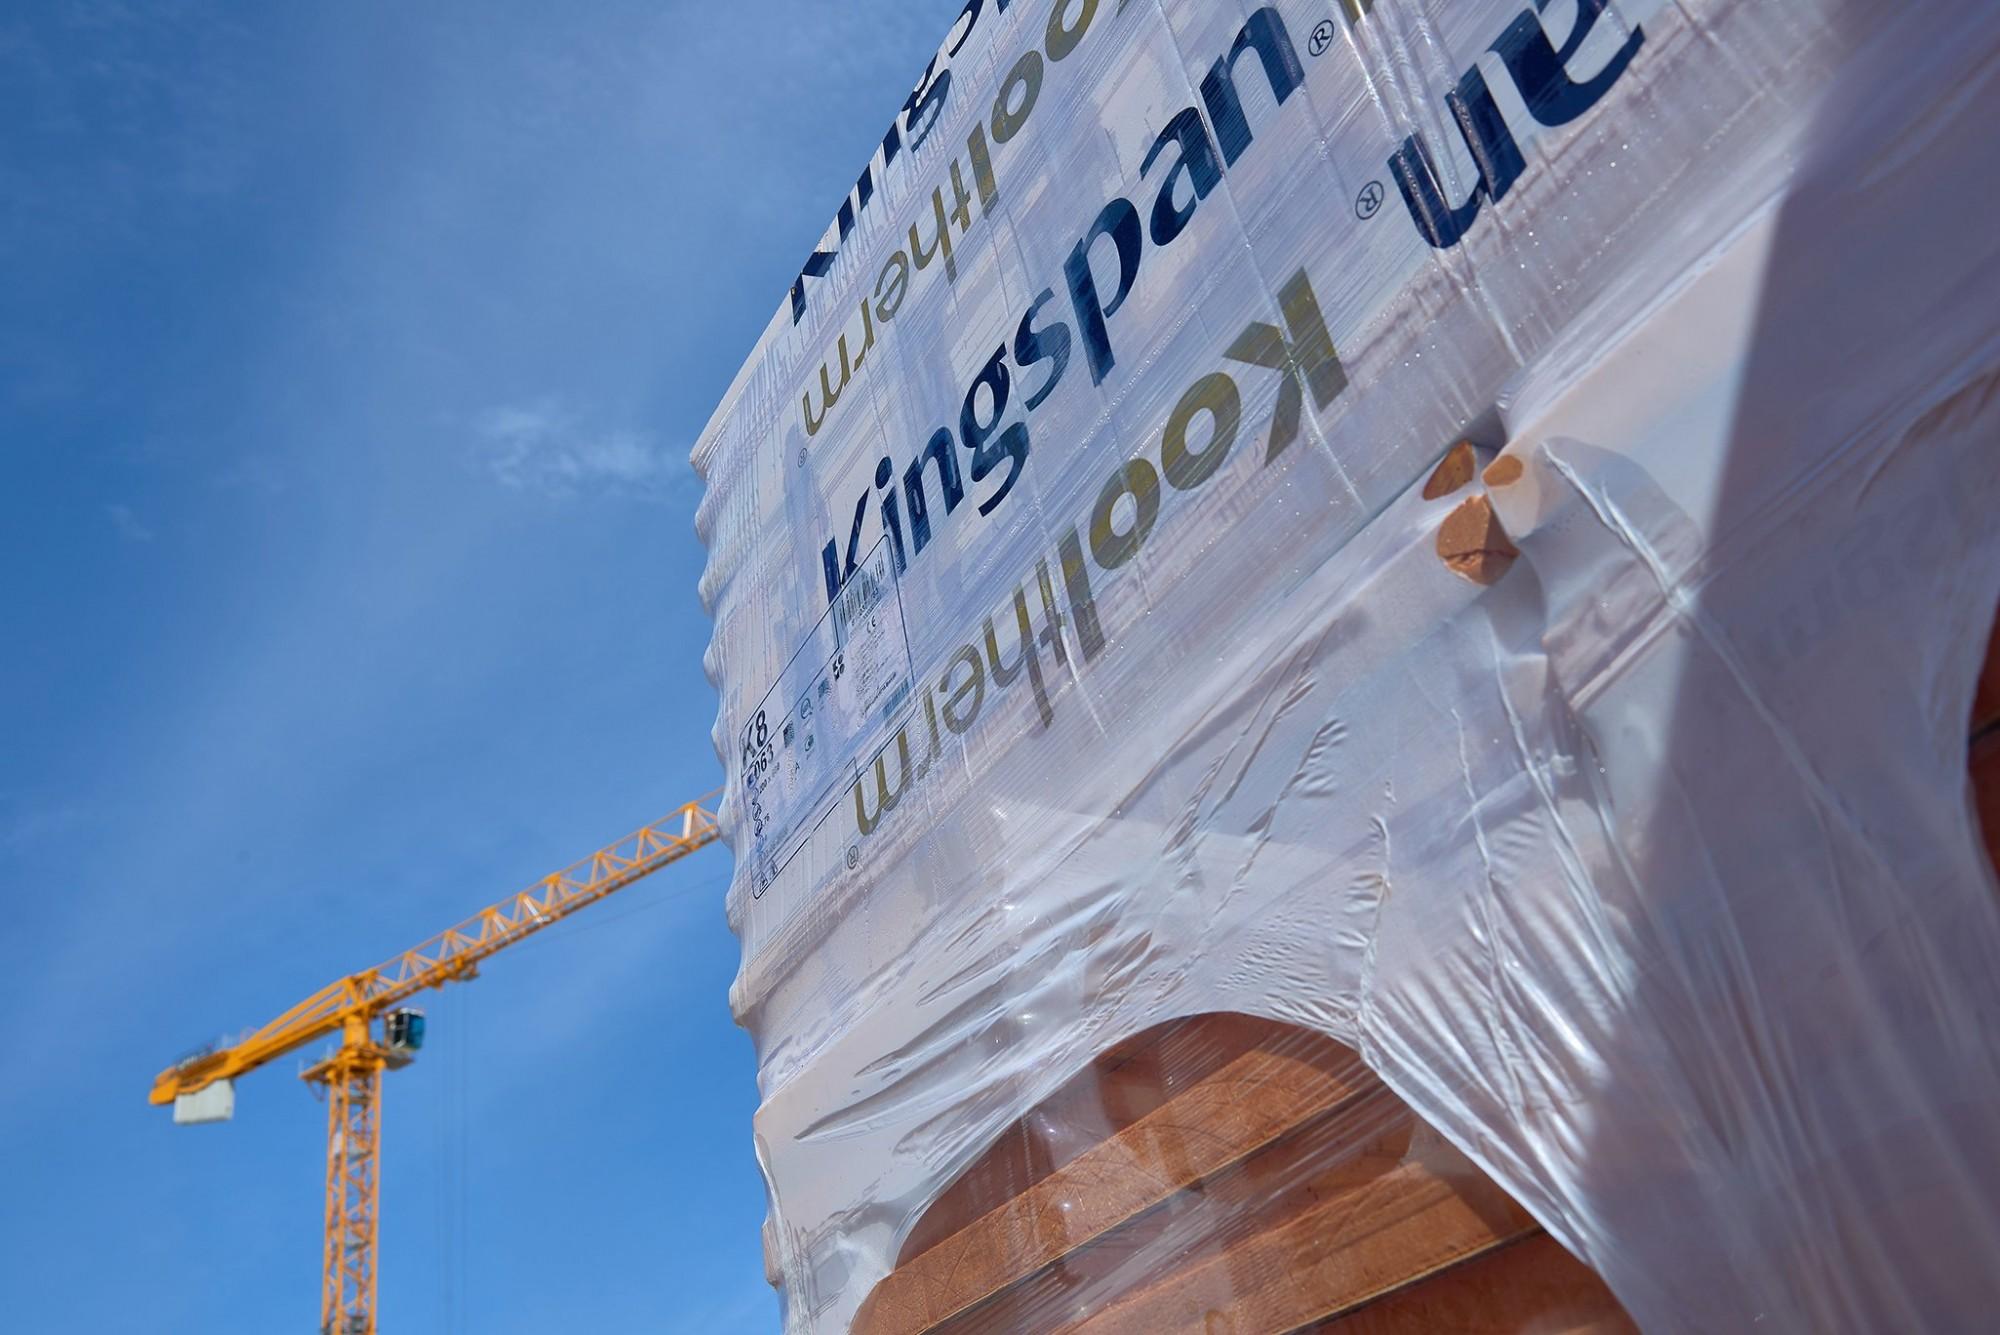 Afbeelding: Werf-productfotografie op locatie voor Kingspan, isolatie materialen.